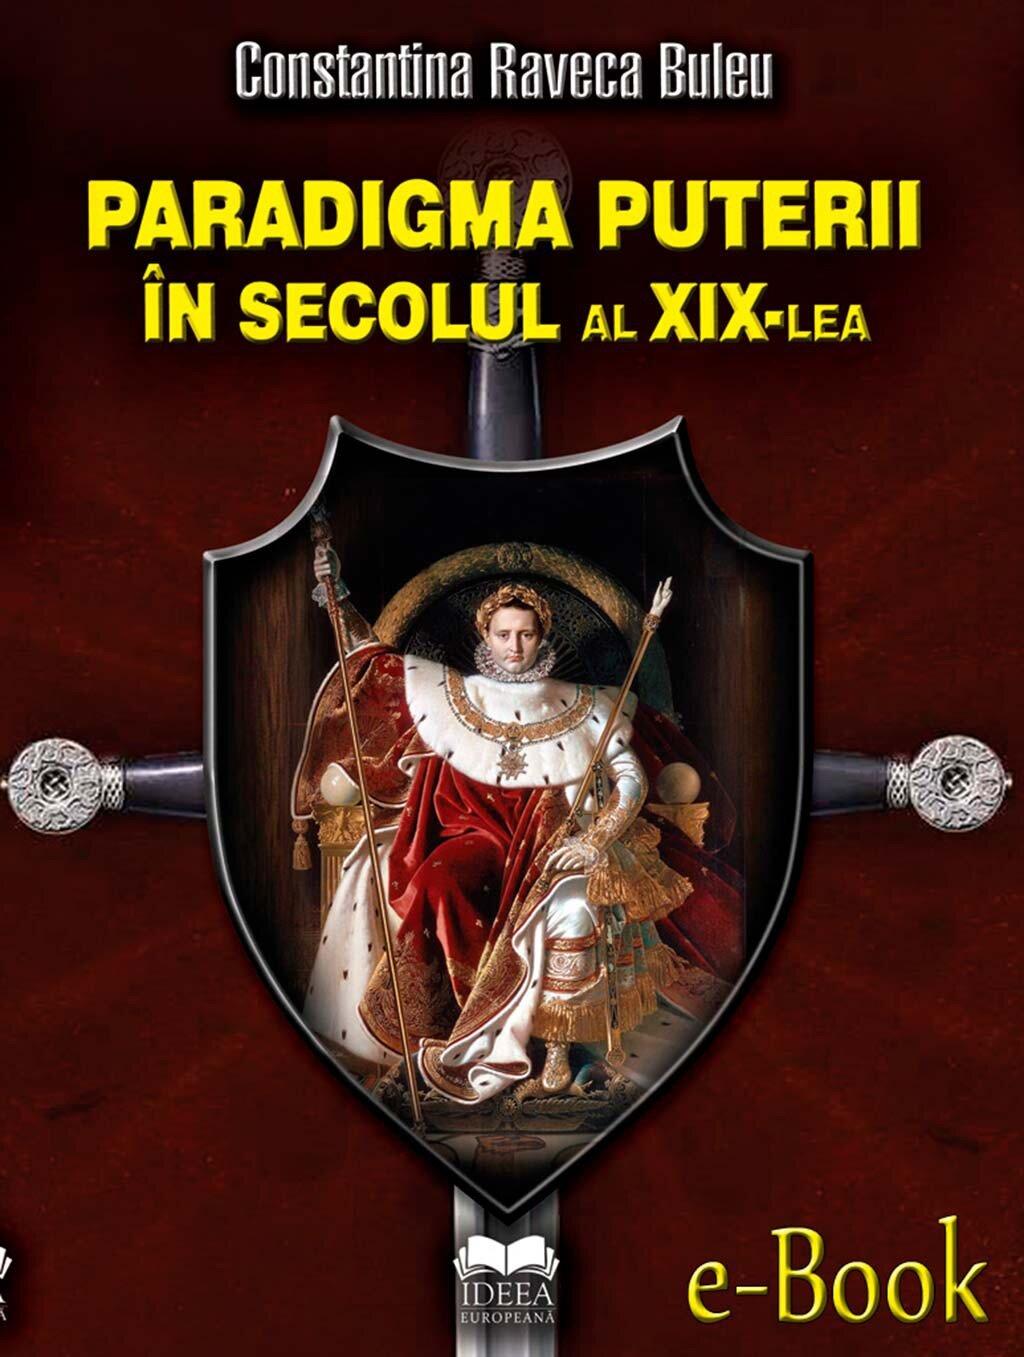 Paradigma puterii in secolul al XIX-lea (eBook)